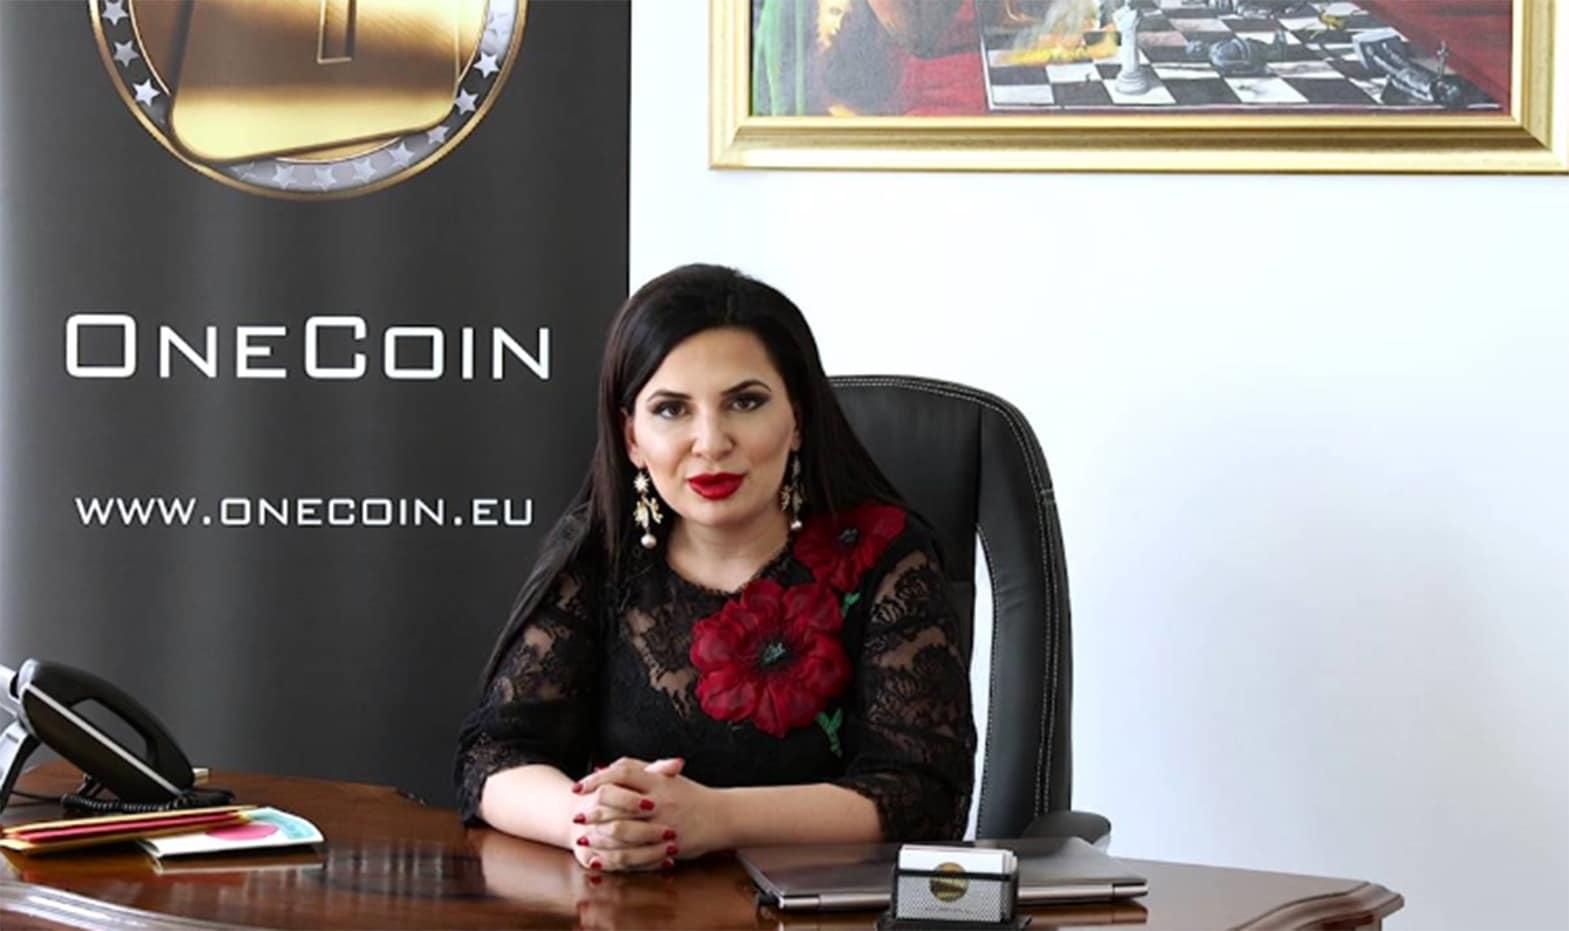 onecoin truffa indagini in corso cosa accadrà quando il gruppo cme inizierà a fare trading di bitcoin